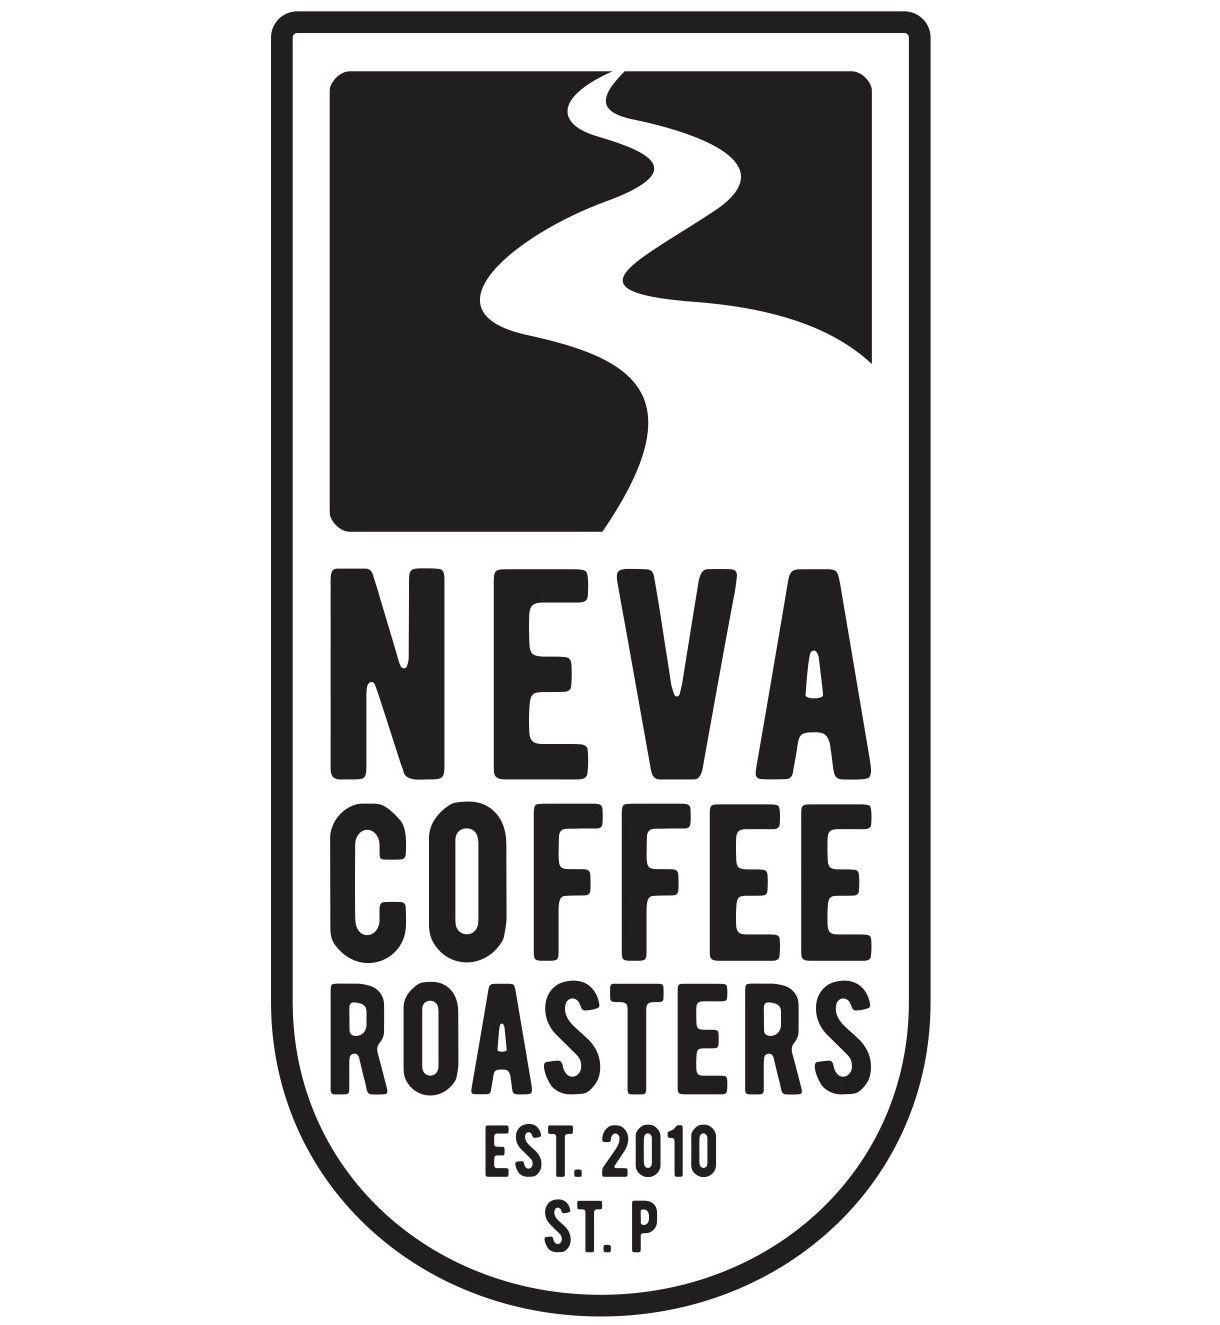 Neva Coffee Roastera